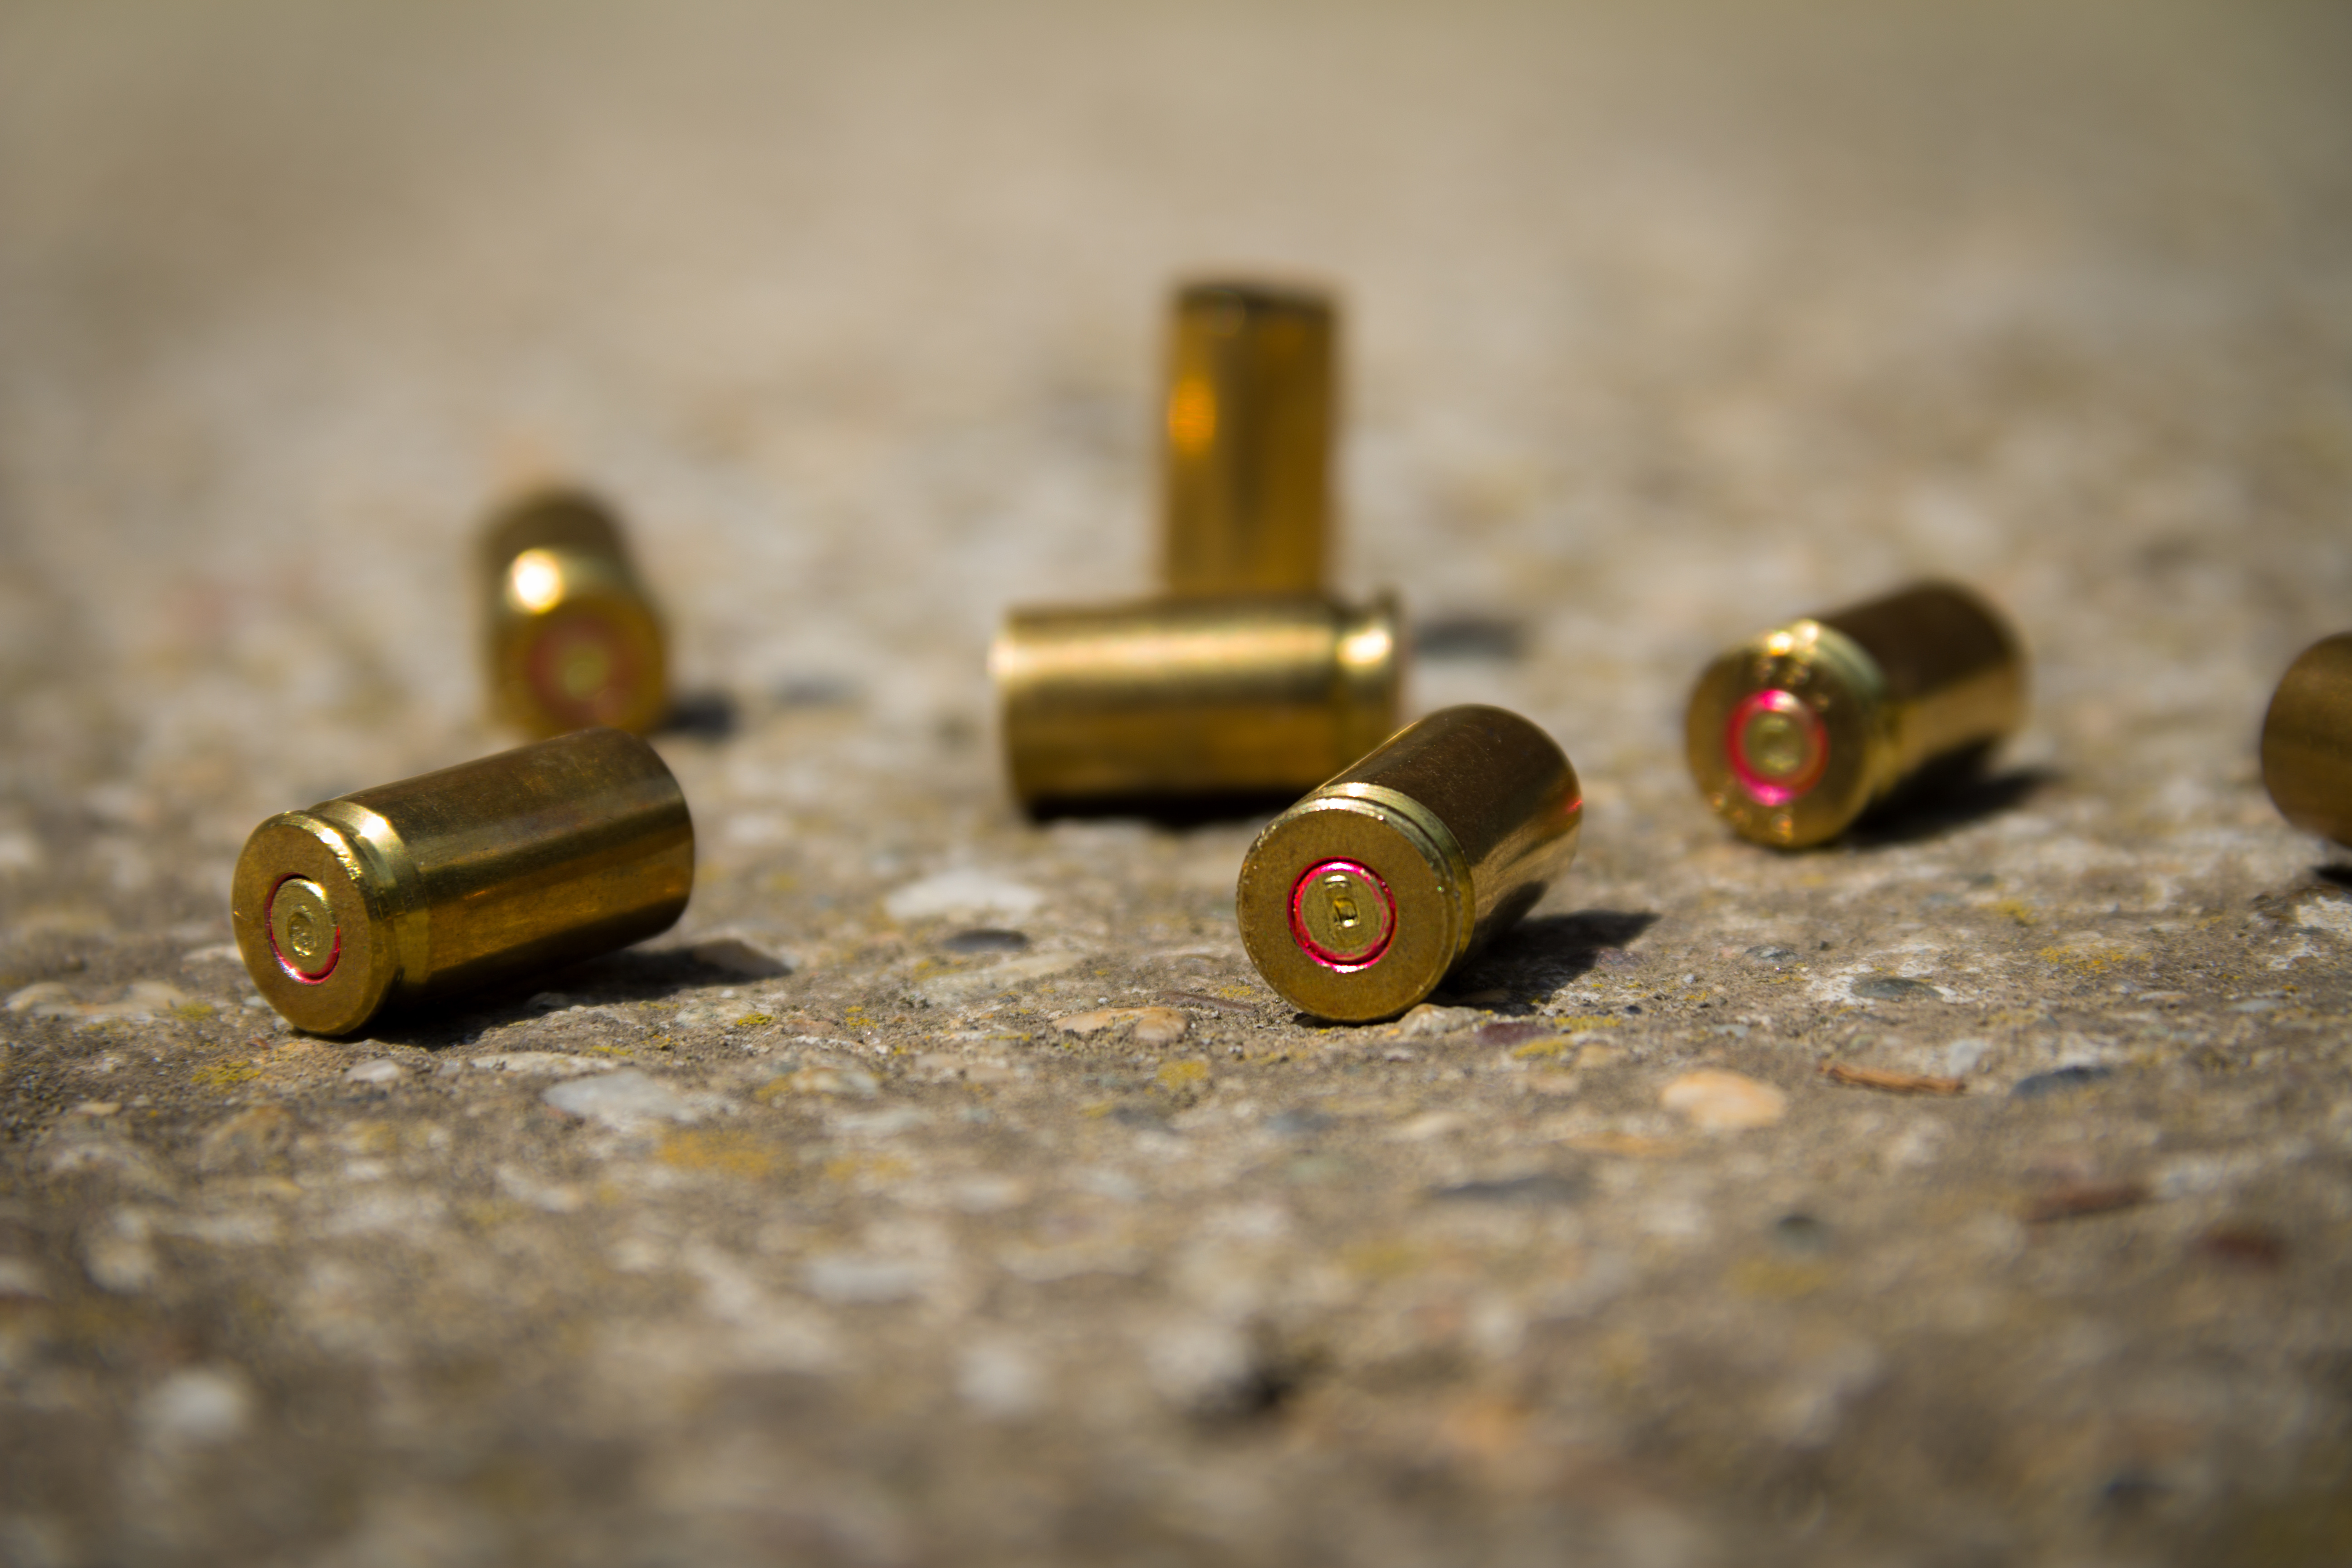 Two people were shot in Lawndale